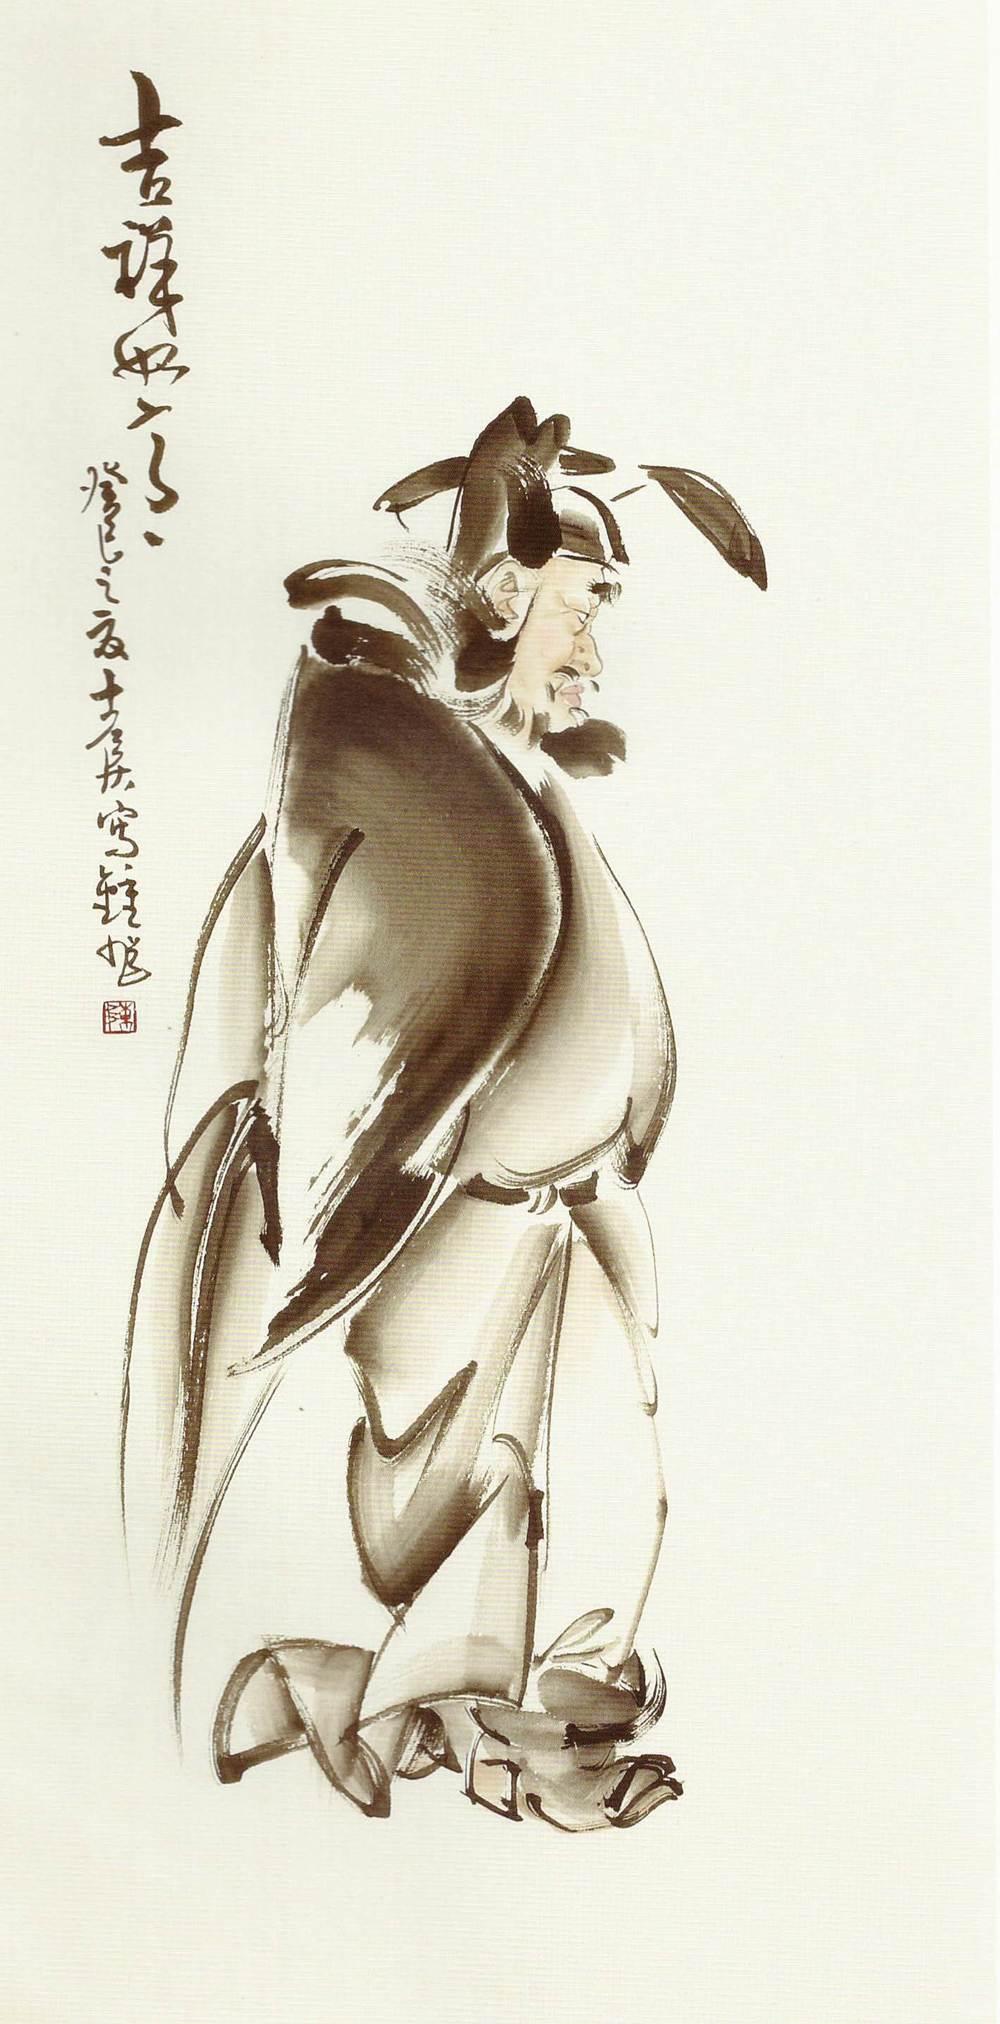 69x35 cm 2013 水墨紙本